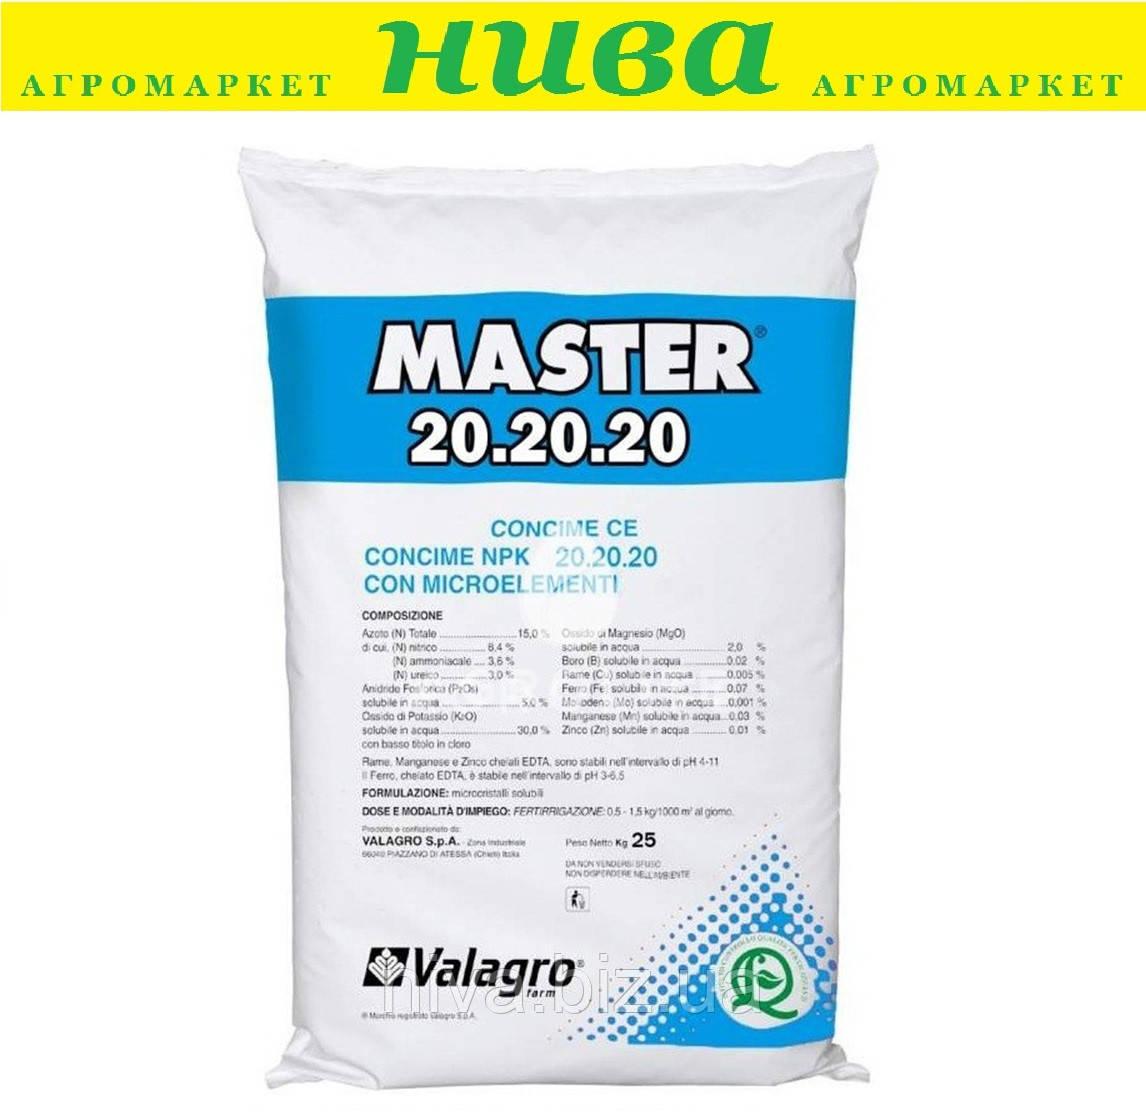 Мастер (Master) 20.20.20 комплексне добриво Valagro 25 кг